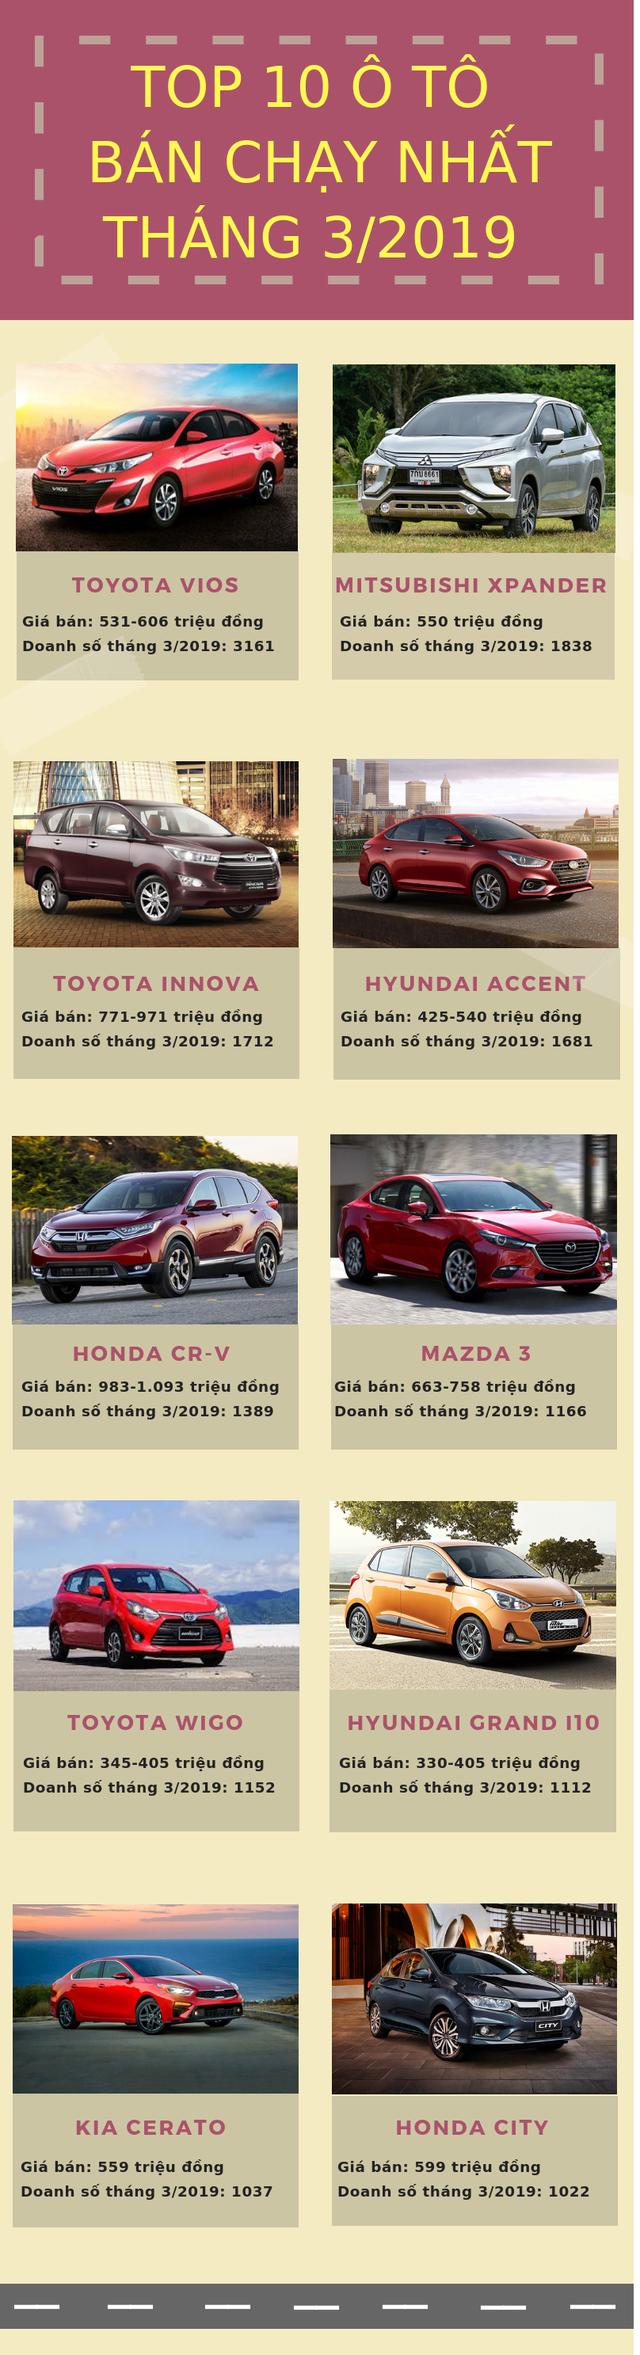 10 xe bán chạy nhất tháng 3/2019: Vua doanh số lấy lại ngôi vương, Mitsubishi Xpander quay trở lại bảng xếp hạng - Ảnh 1.